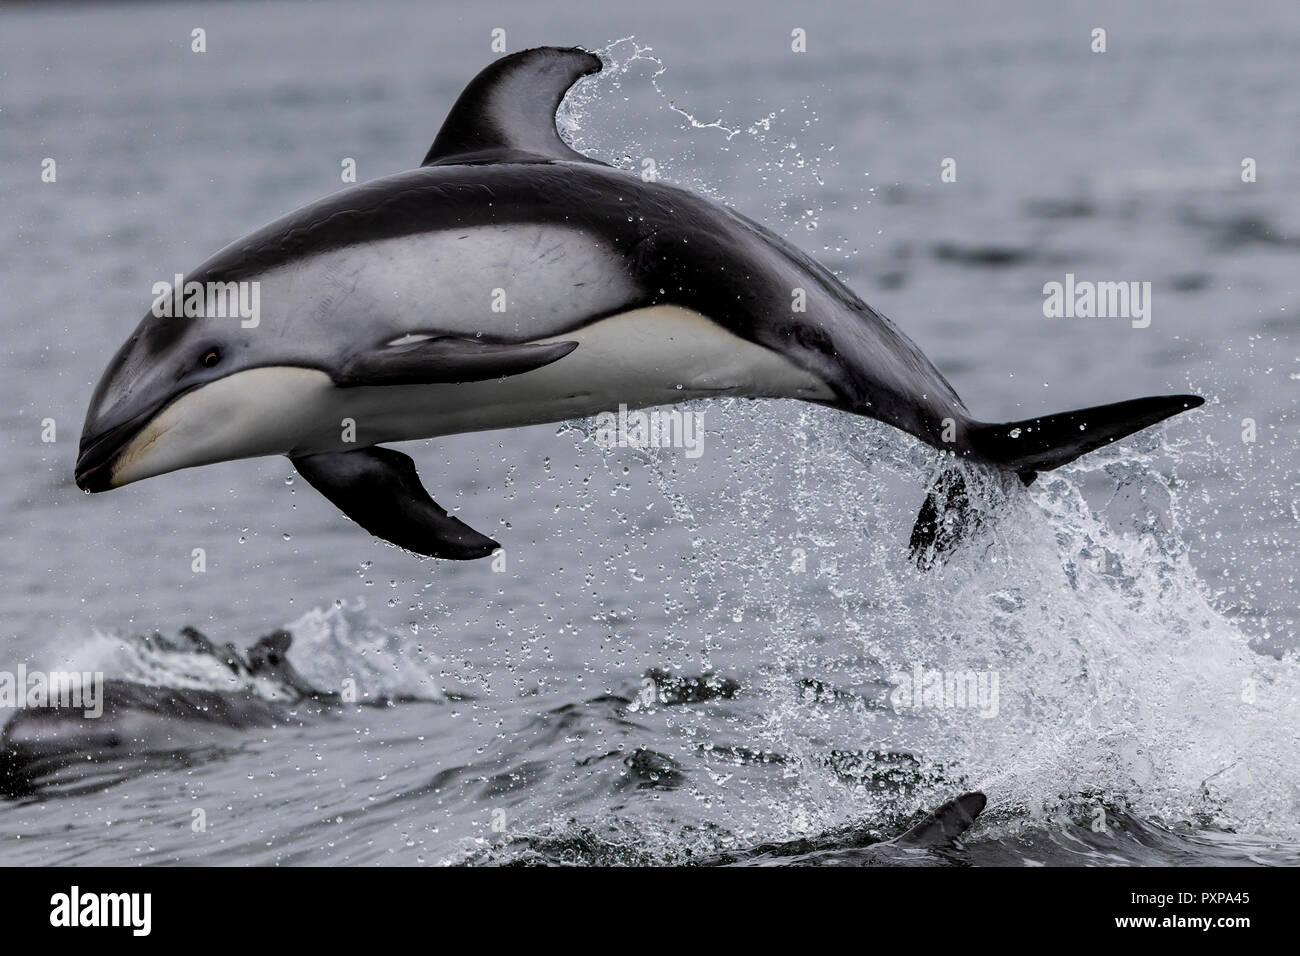 Pacific-white-sided dolphin (Lagenorhynchus obliquidens) il salto nel suono di Thompson, lungo la grande orso nella foresta pluviale, British Columbia costa, prima Nat Immagini Stock